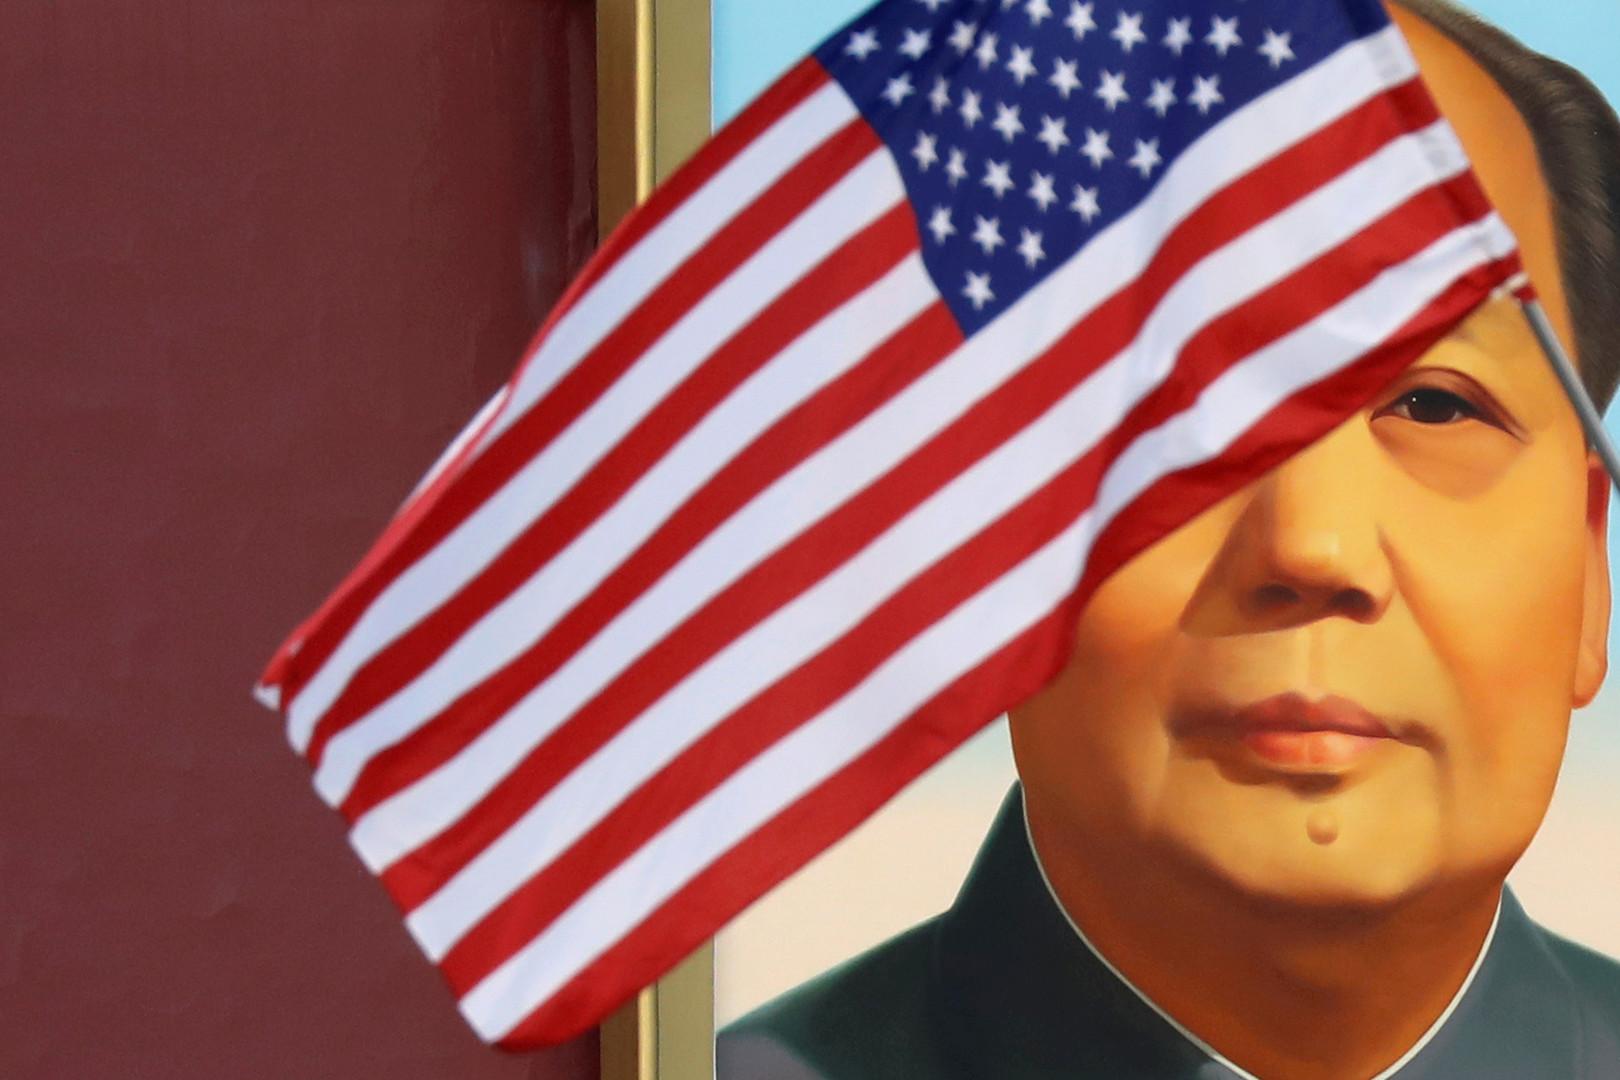 ترامب يستعد لتوجيه ضربة اقتصادية جديدة للصين!